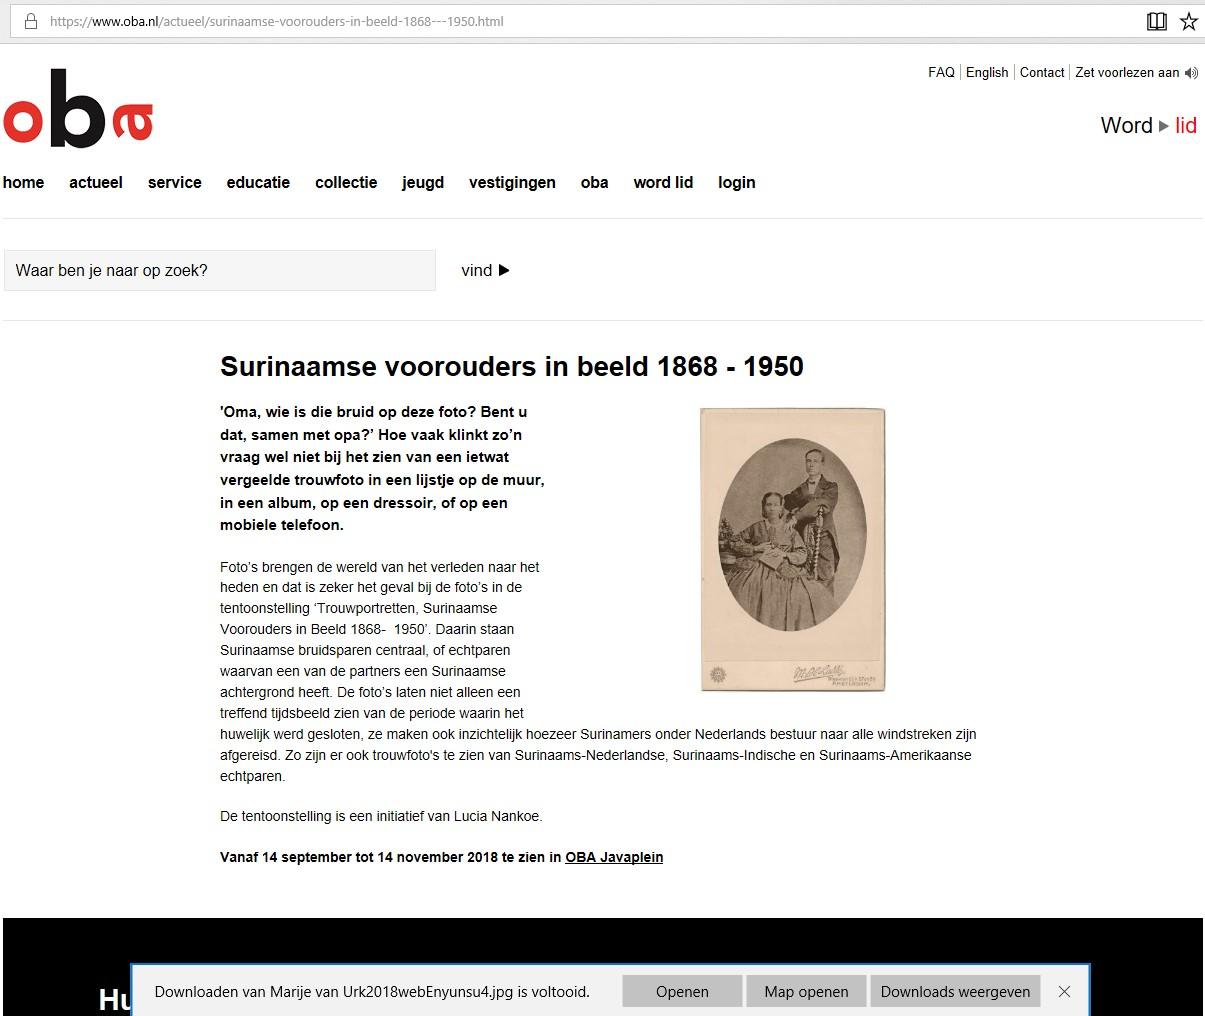 Lucia S Nankoe Surinaamse Voorouders in Beeld 1868-1950a